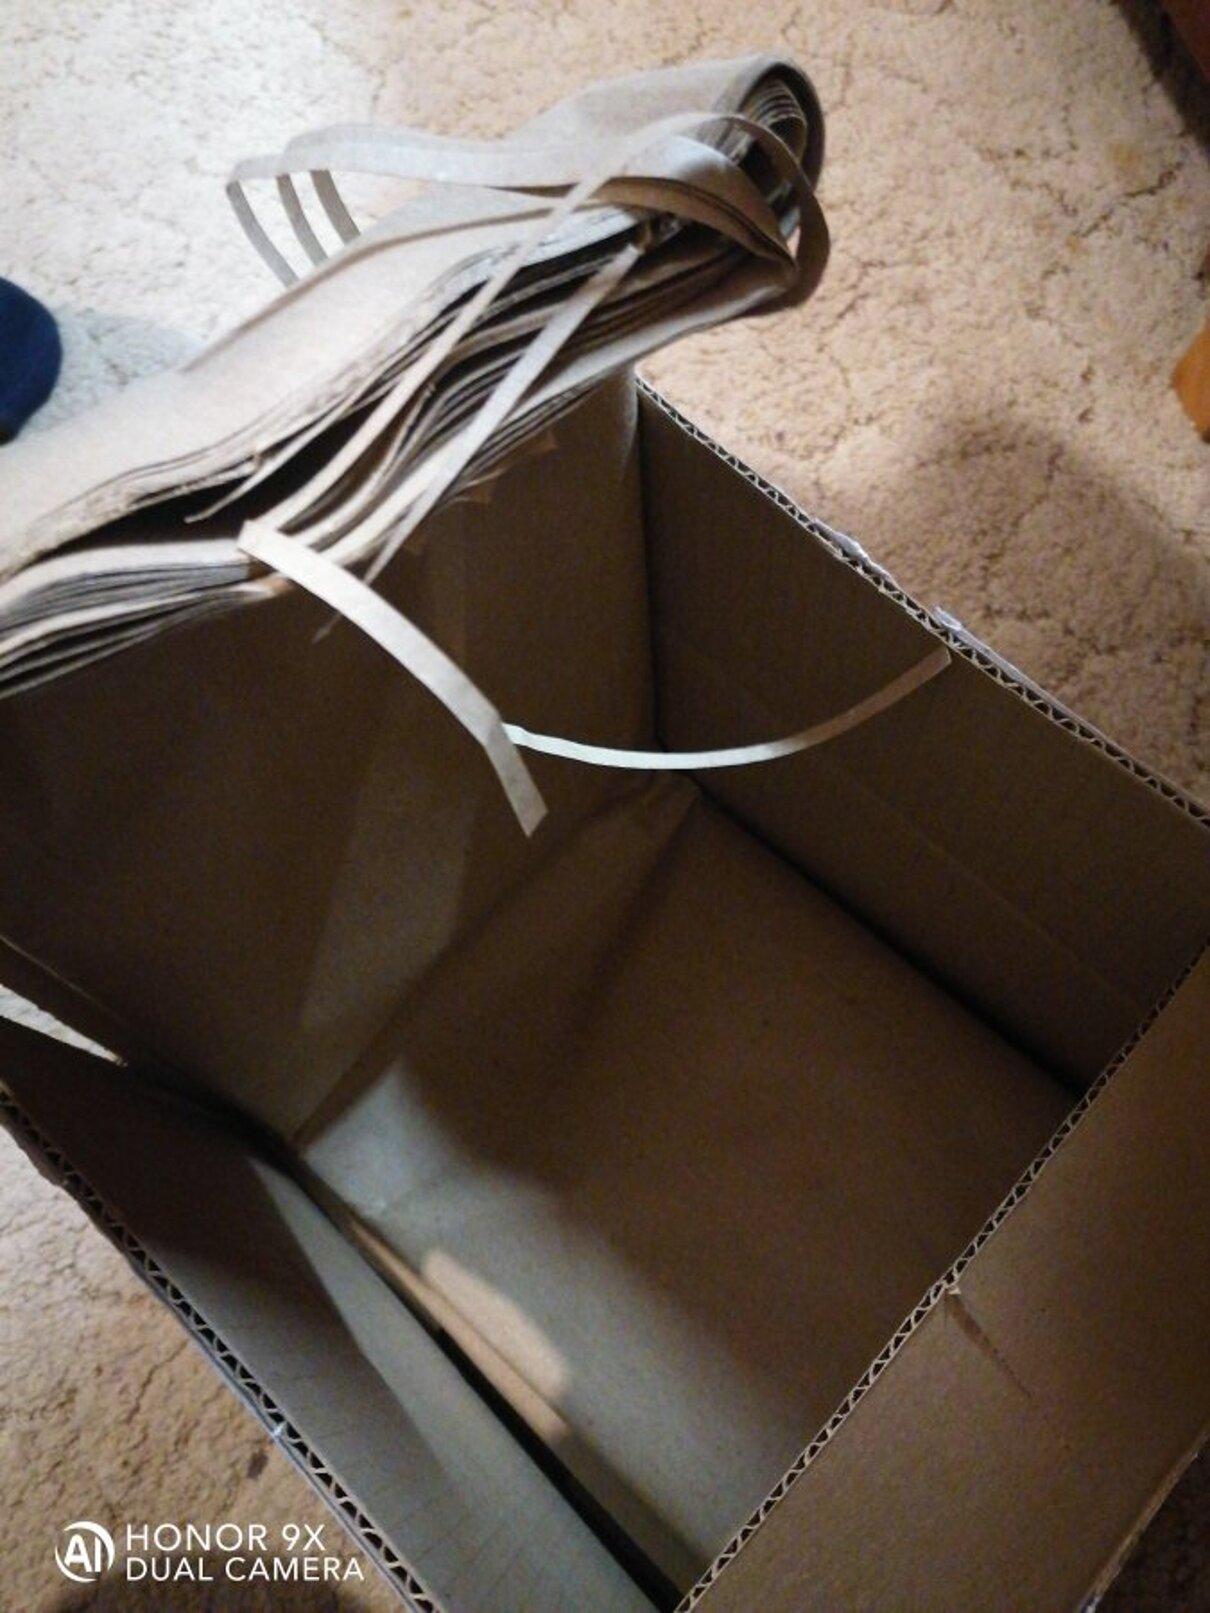 Жалоба-отзыв: Amazon Tablet, ЕСПП 026352 - Заказала ребёнку планшет, проверить перед оплатой было не возможно, в итоге при вскрытии оказалось одна бумага, верни бдяли мои 3500 тысячи, сдохните твари.  Фото №1